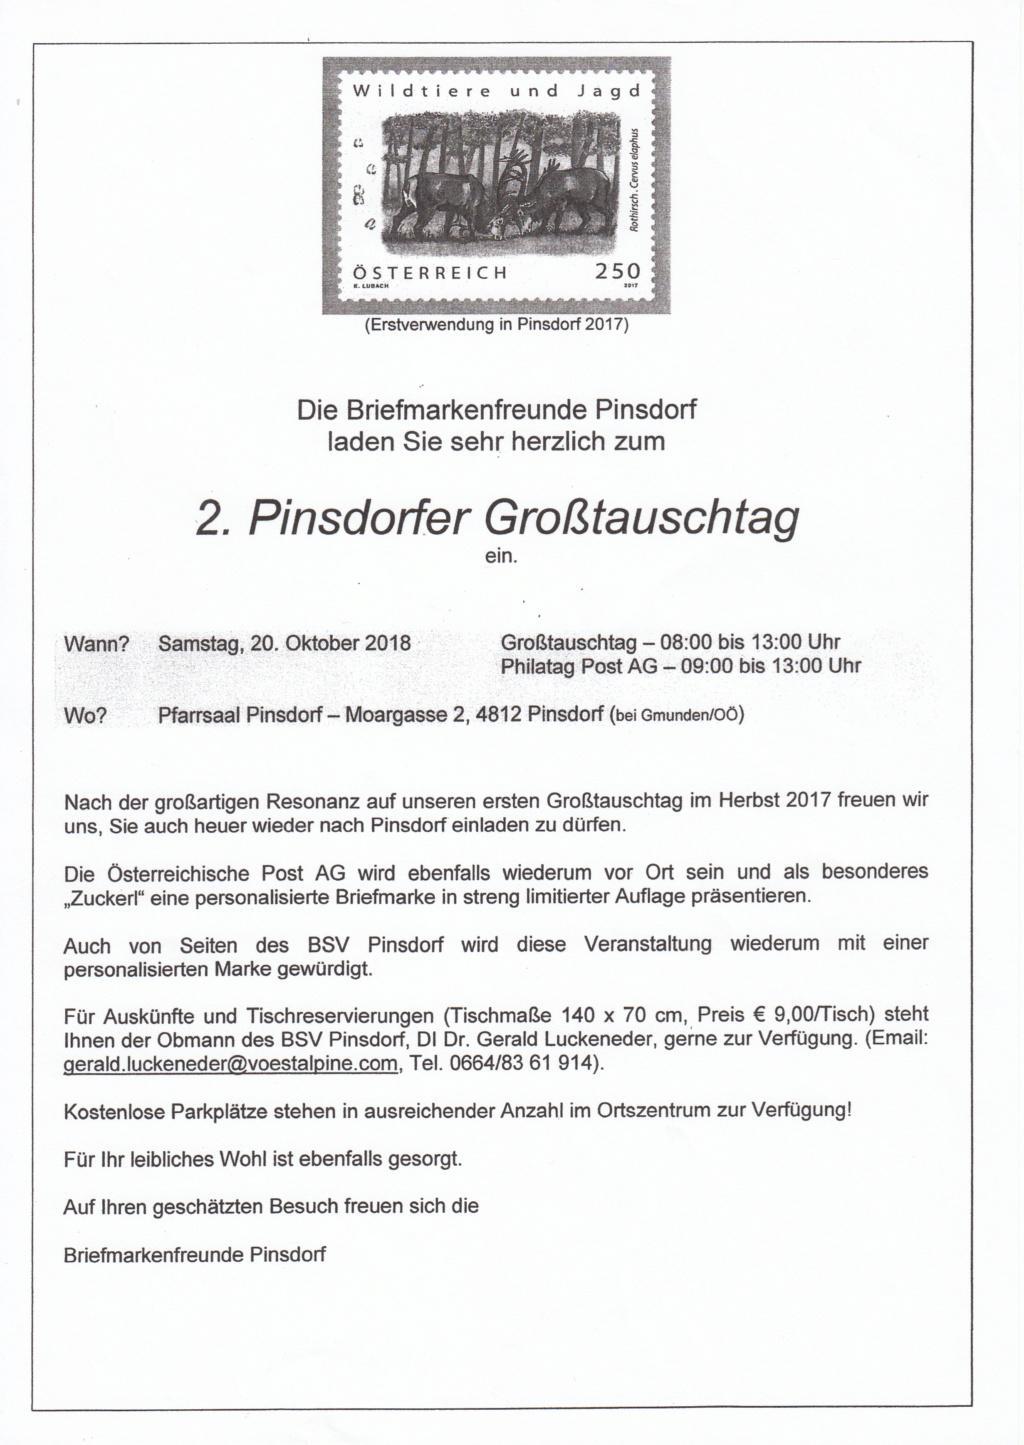 Großtauschtag - 4812 Pinsdorf bei Gmunden am SAMSTAG 20.10.2018 Img65